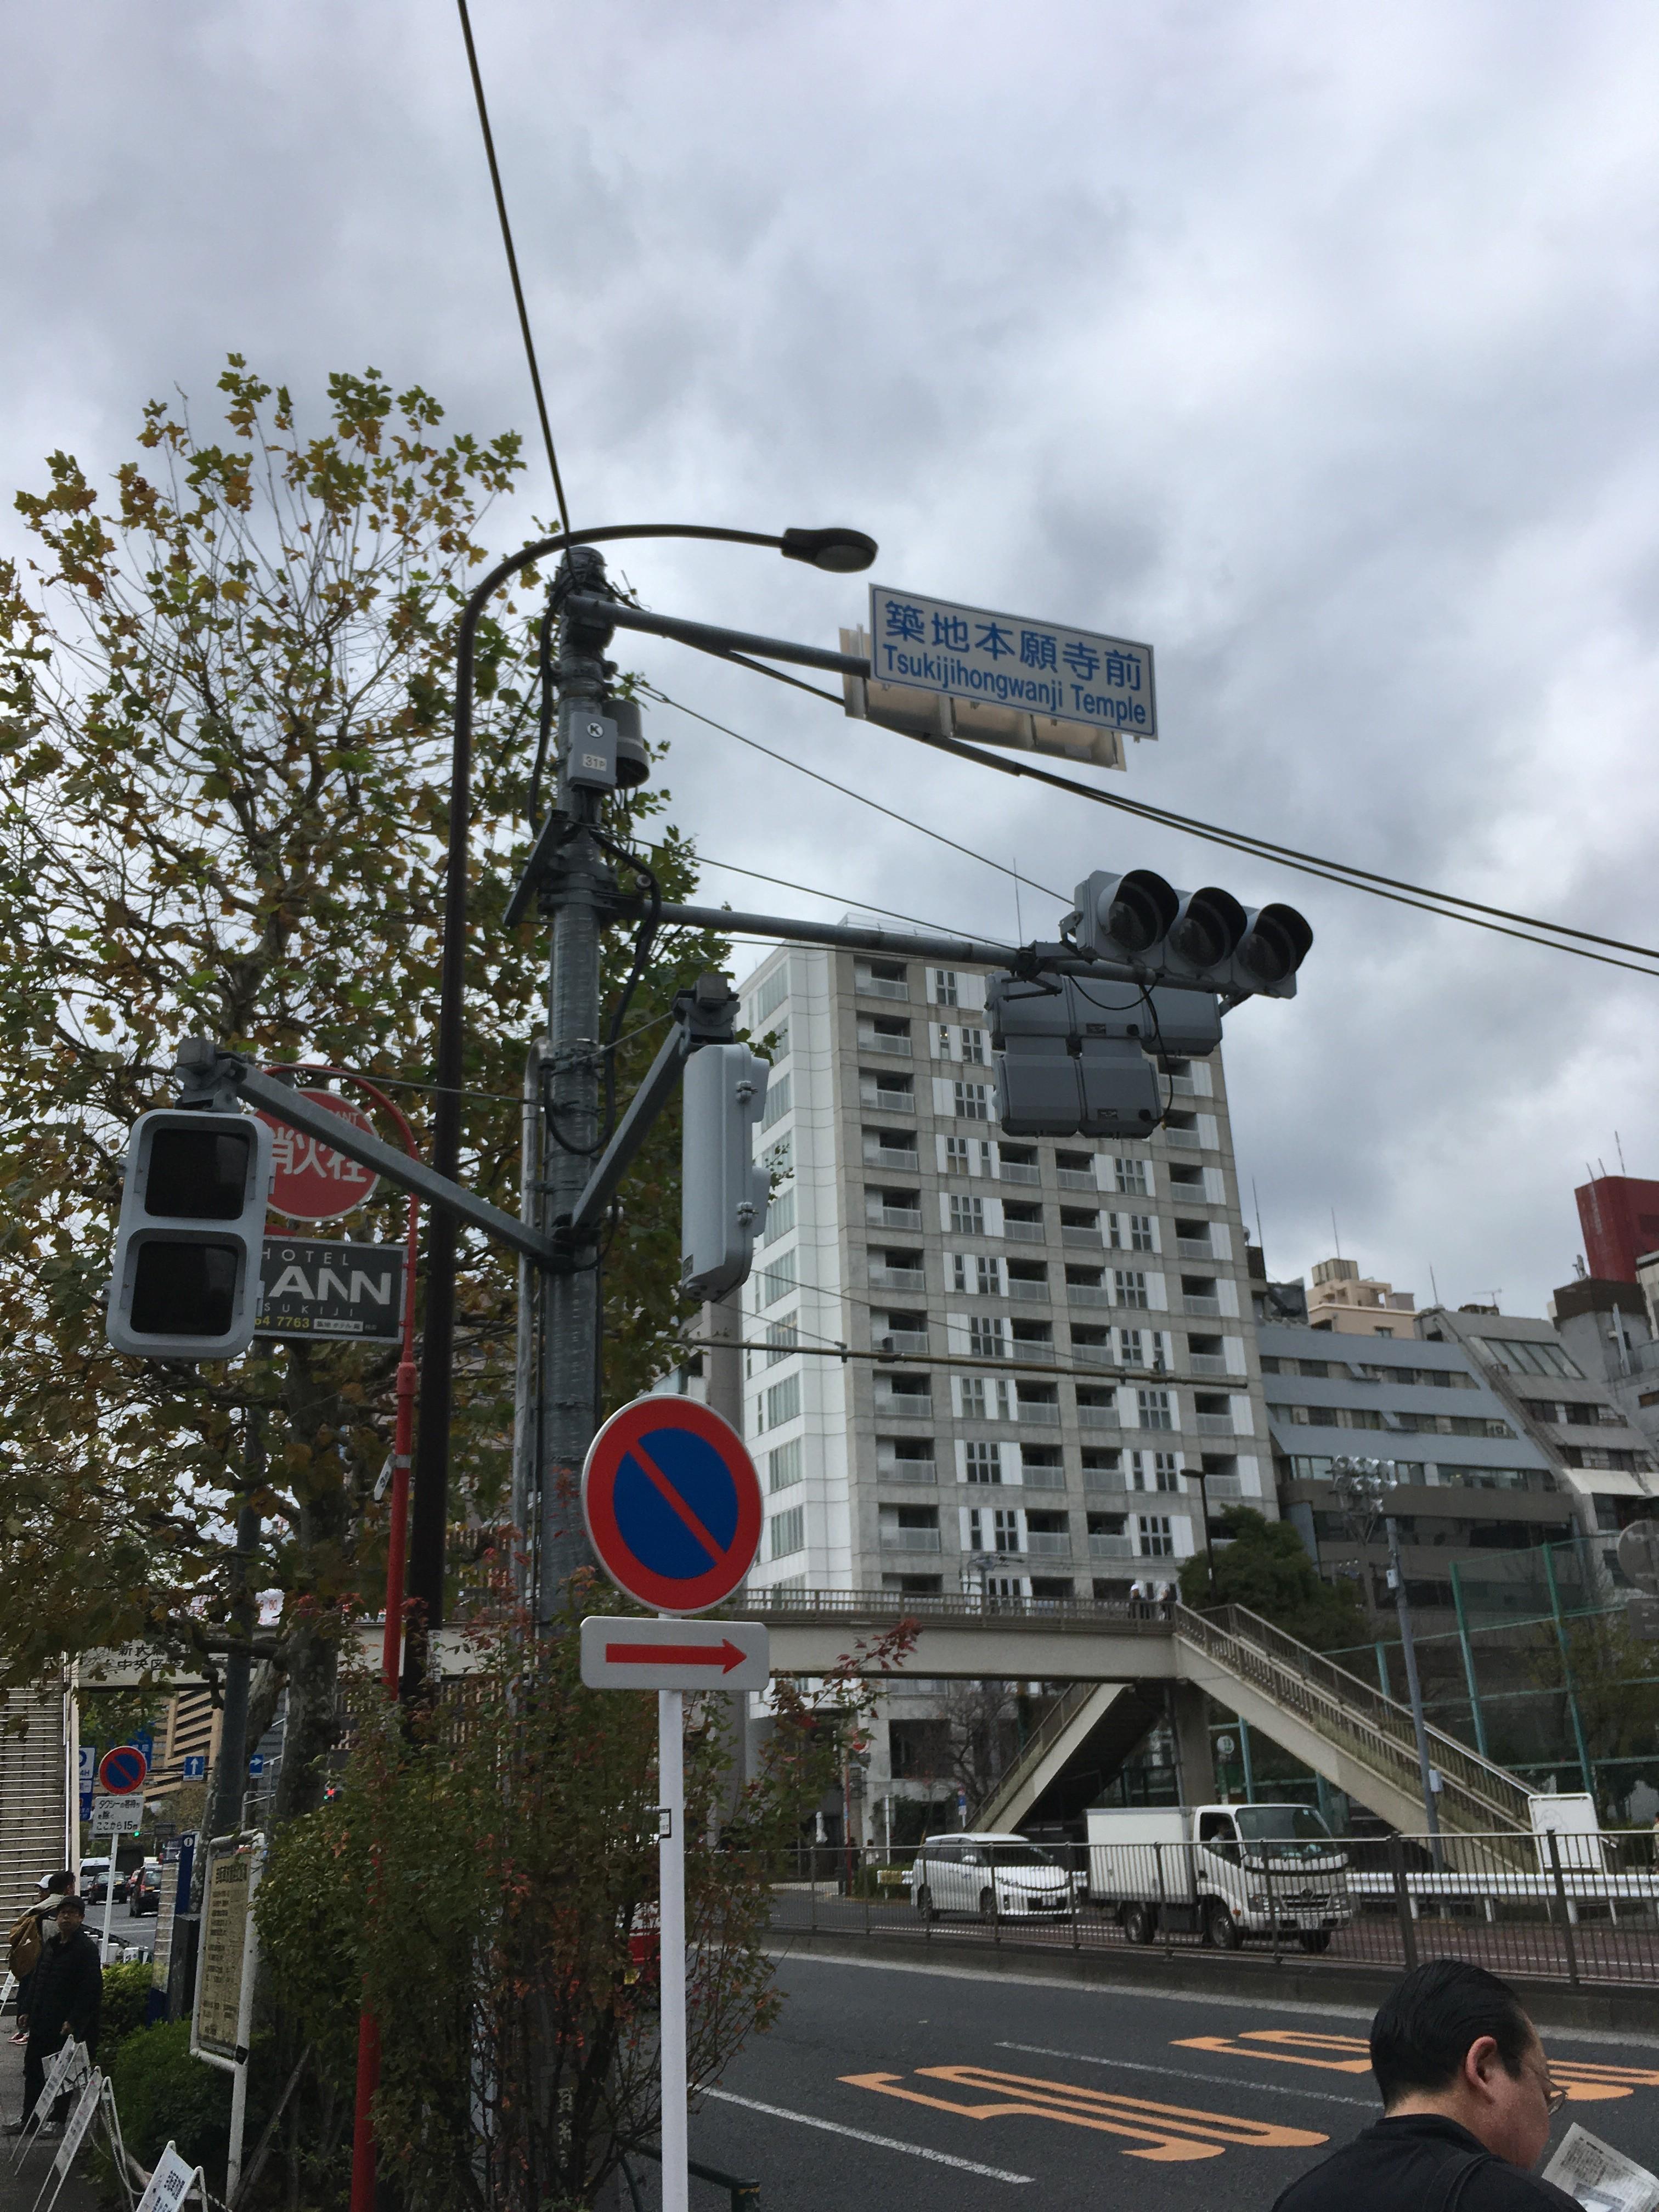 築地本願寺前(新大橋通り)